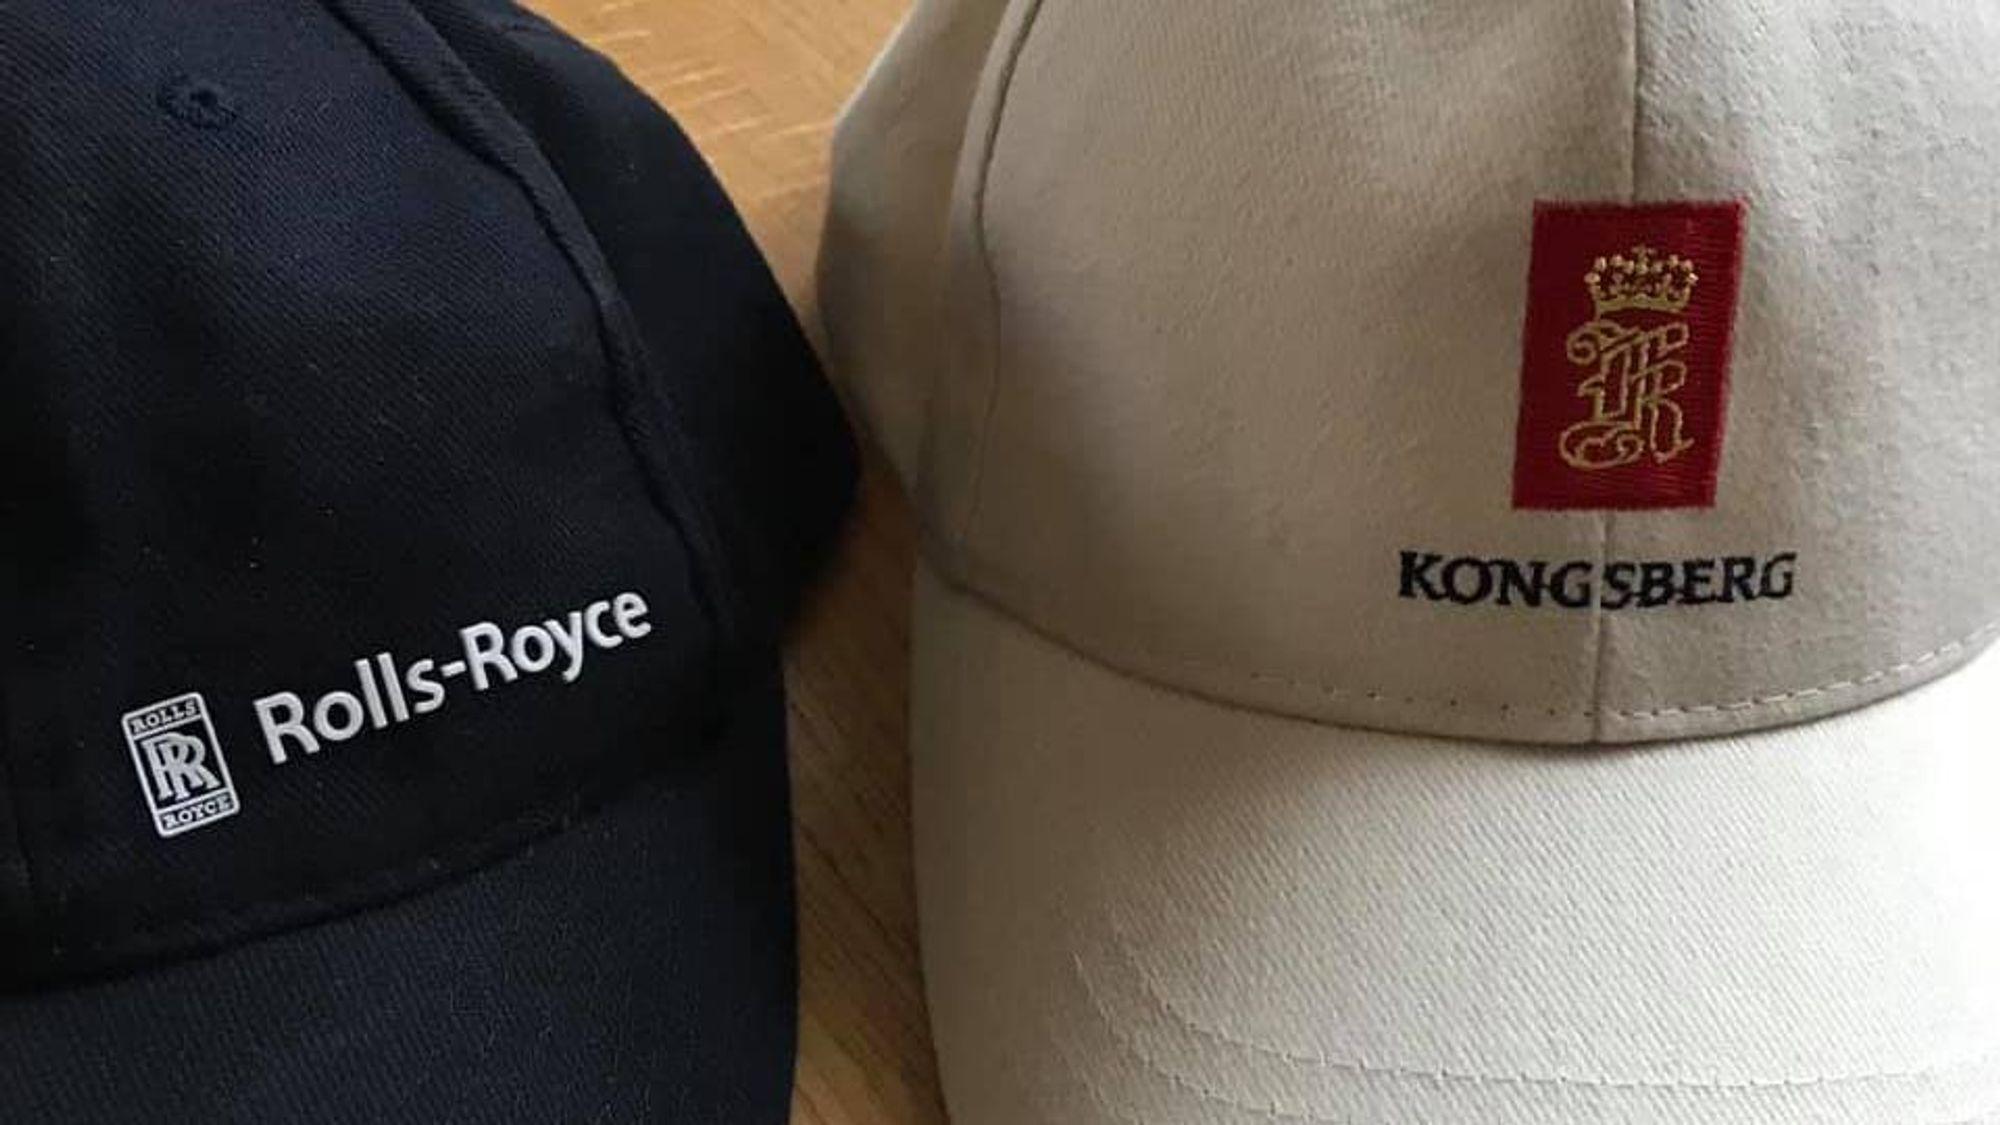 Mandag 1. april bytter 3.600 mennesker rundt om i verden hatter og capser - fra Rolls-Royce til Kongsberg.